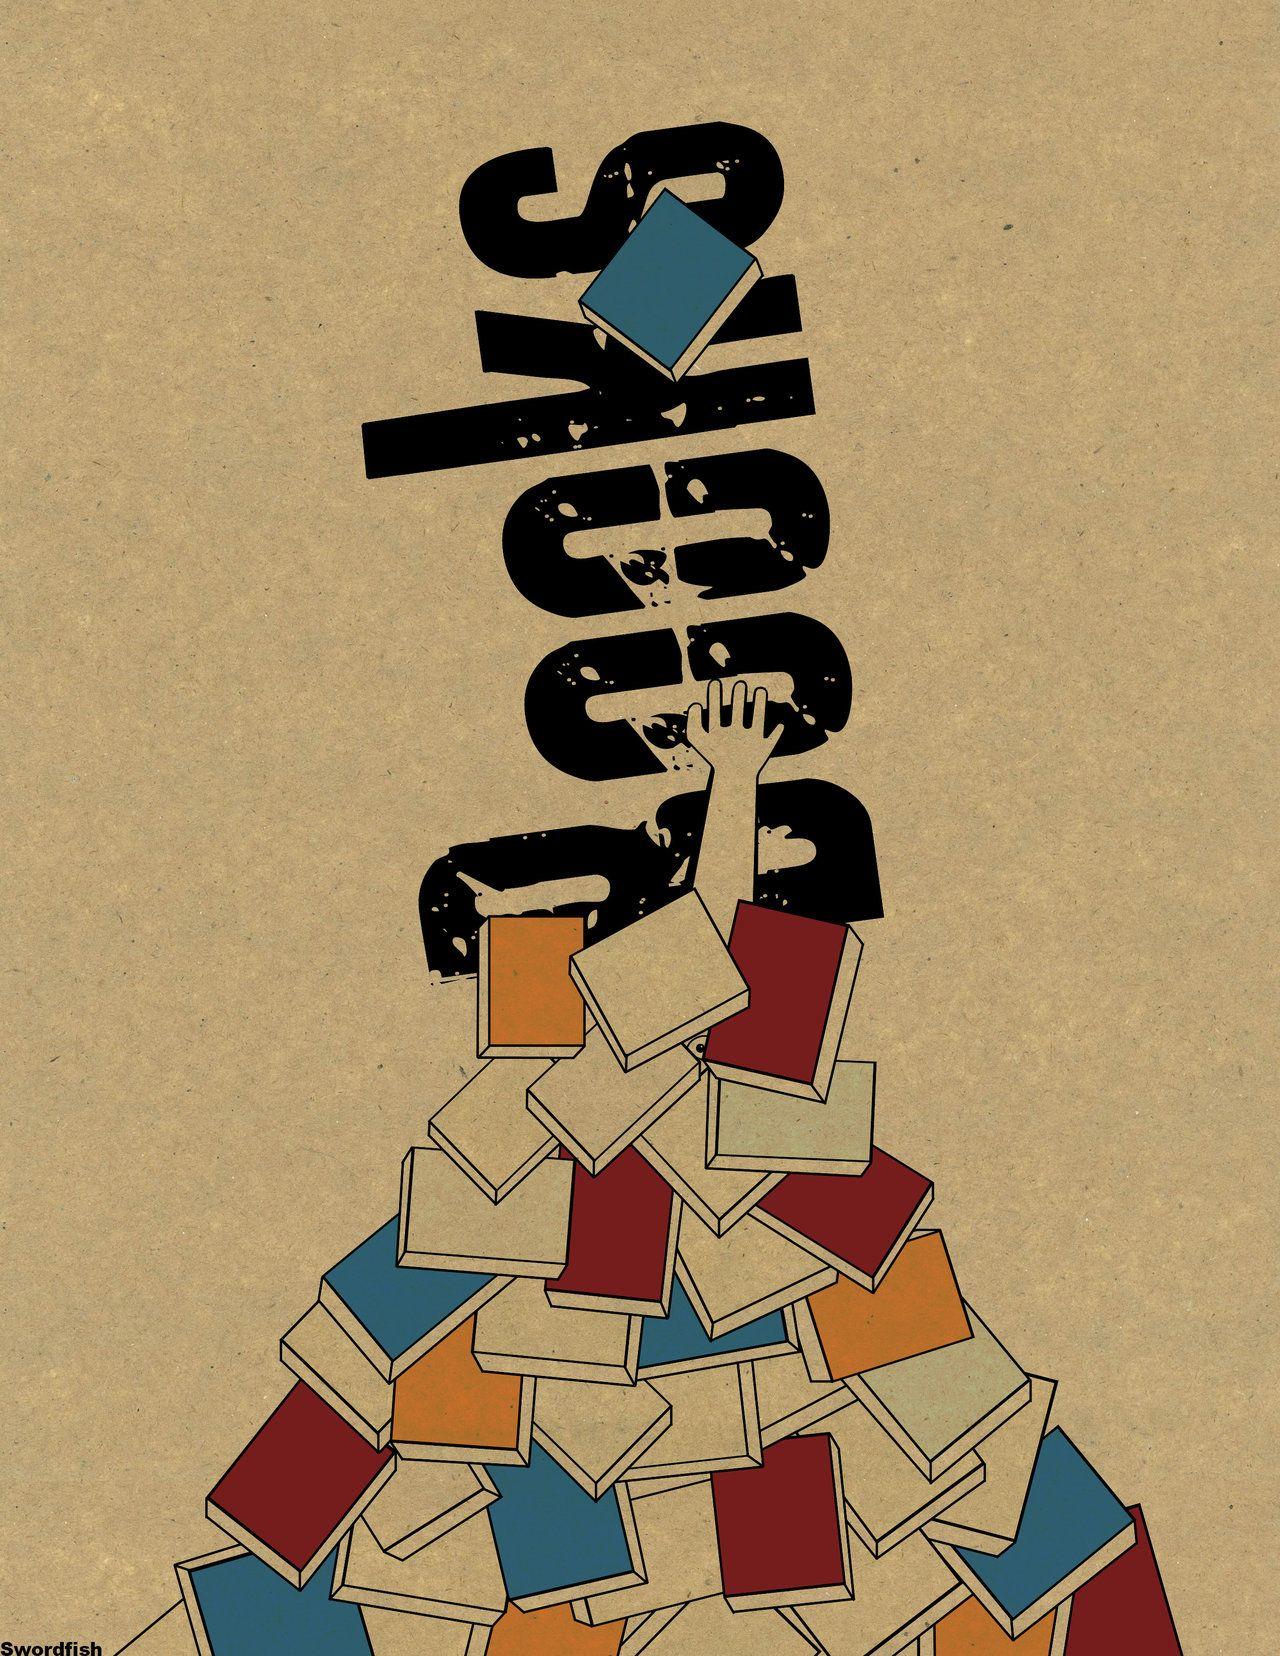 Ninguna cantidad de libros, es suficiente. Lea todo lo que pueda. Lea un libro.